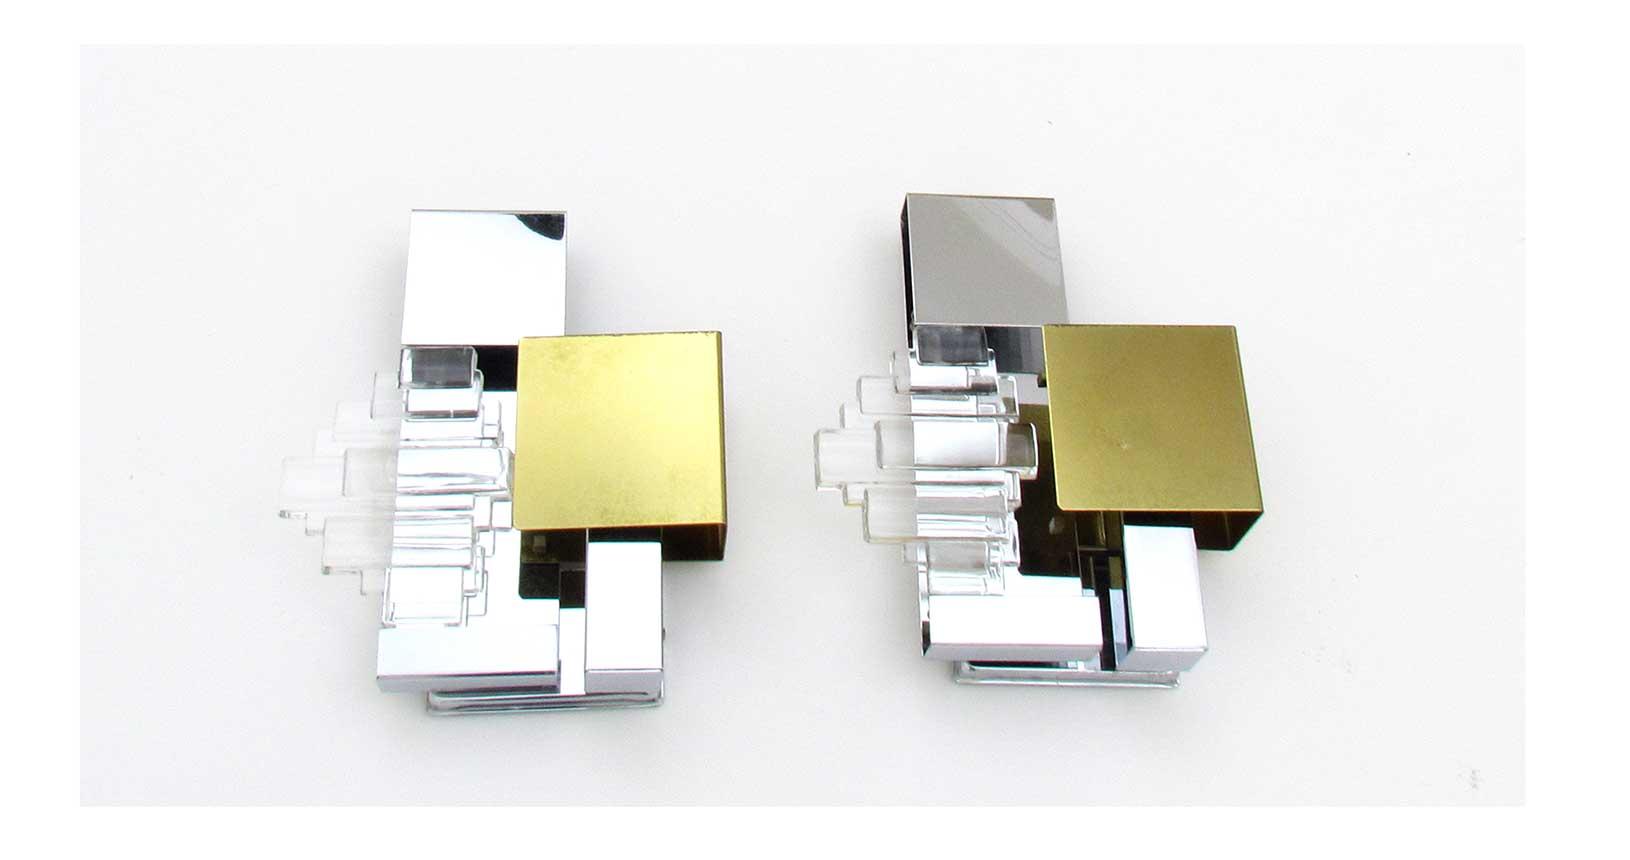 gaetano sciolari applique design vintage furniture iconic design lamp lighting gold metal brass steel ottone acciaio vetro glass